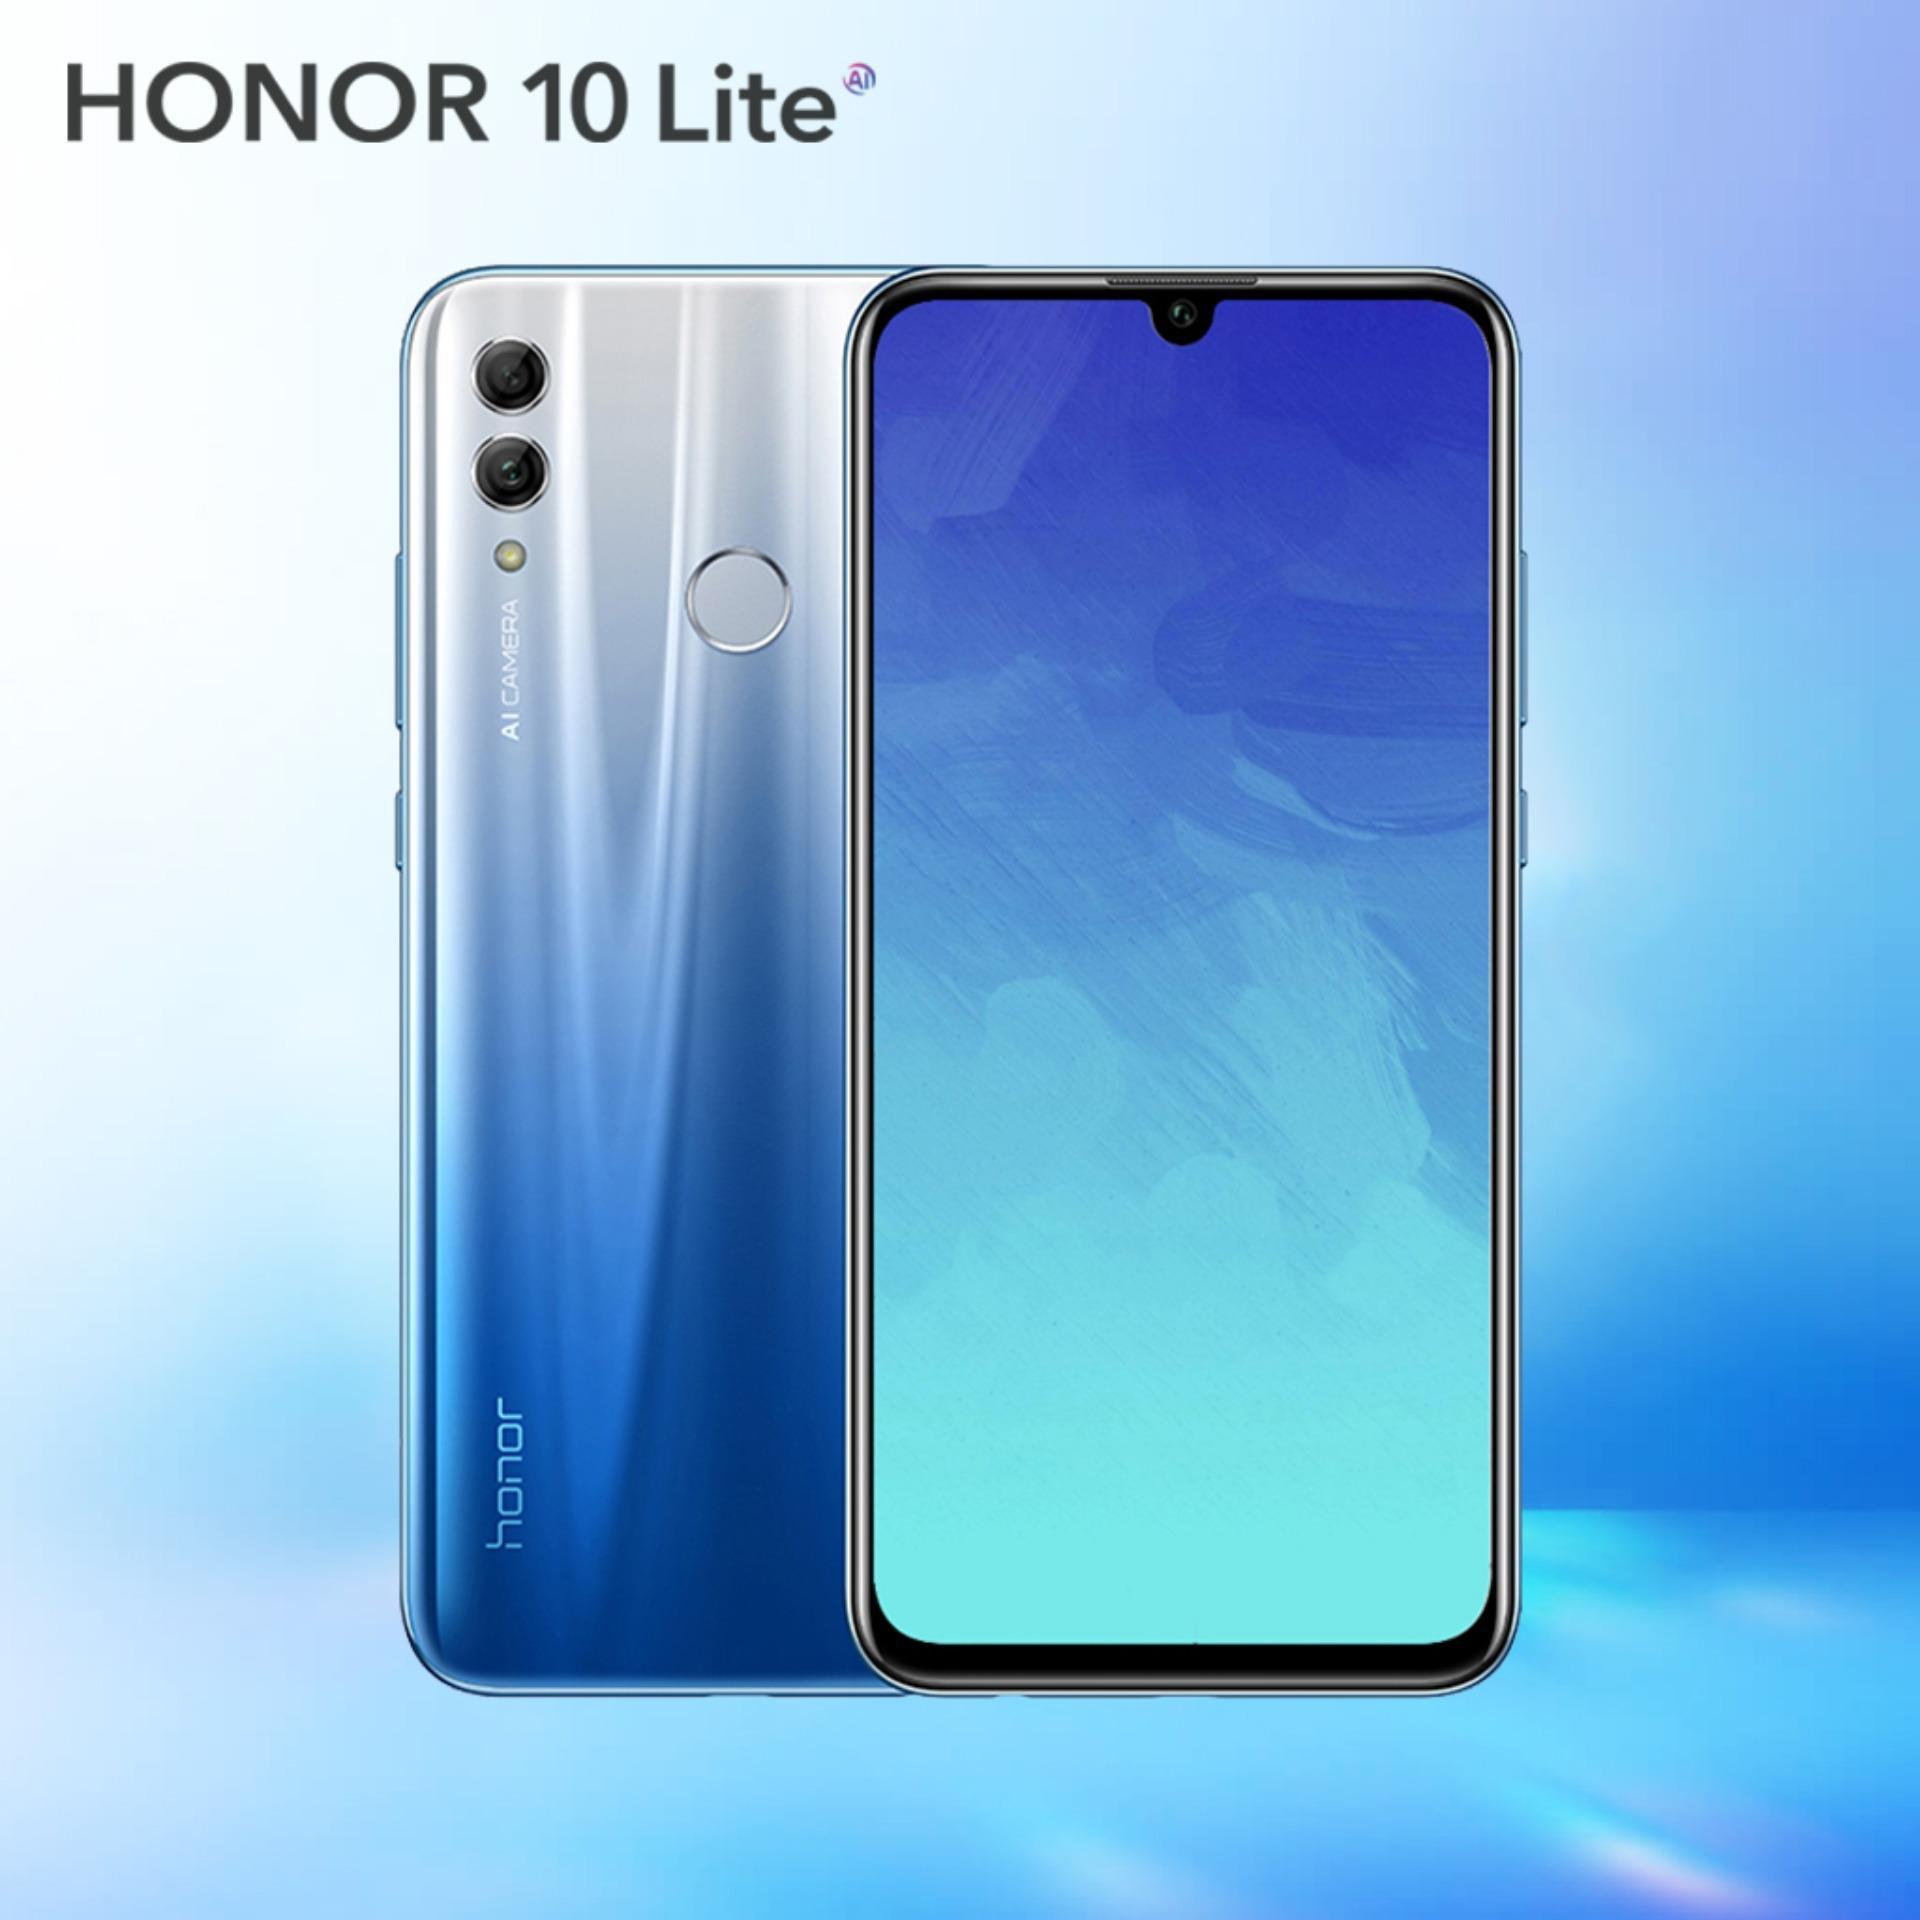 HUAWEI HONOR 10 LITE Handphone - 4GB/64GB Garansi resmi